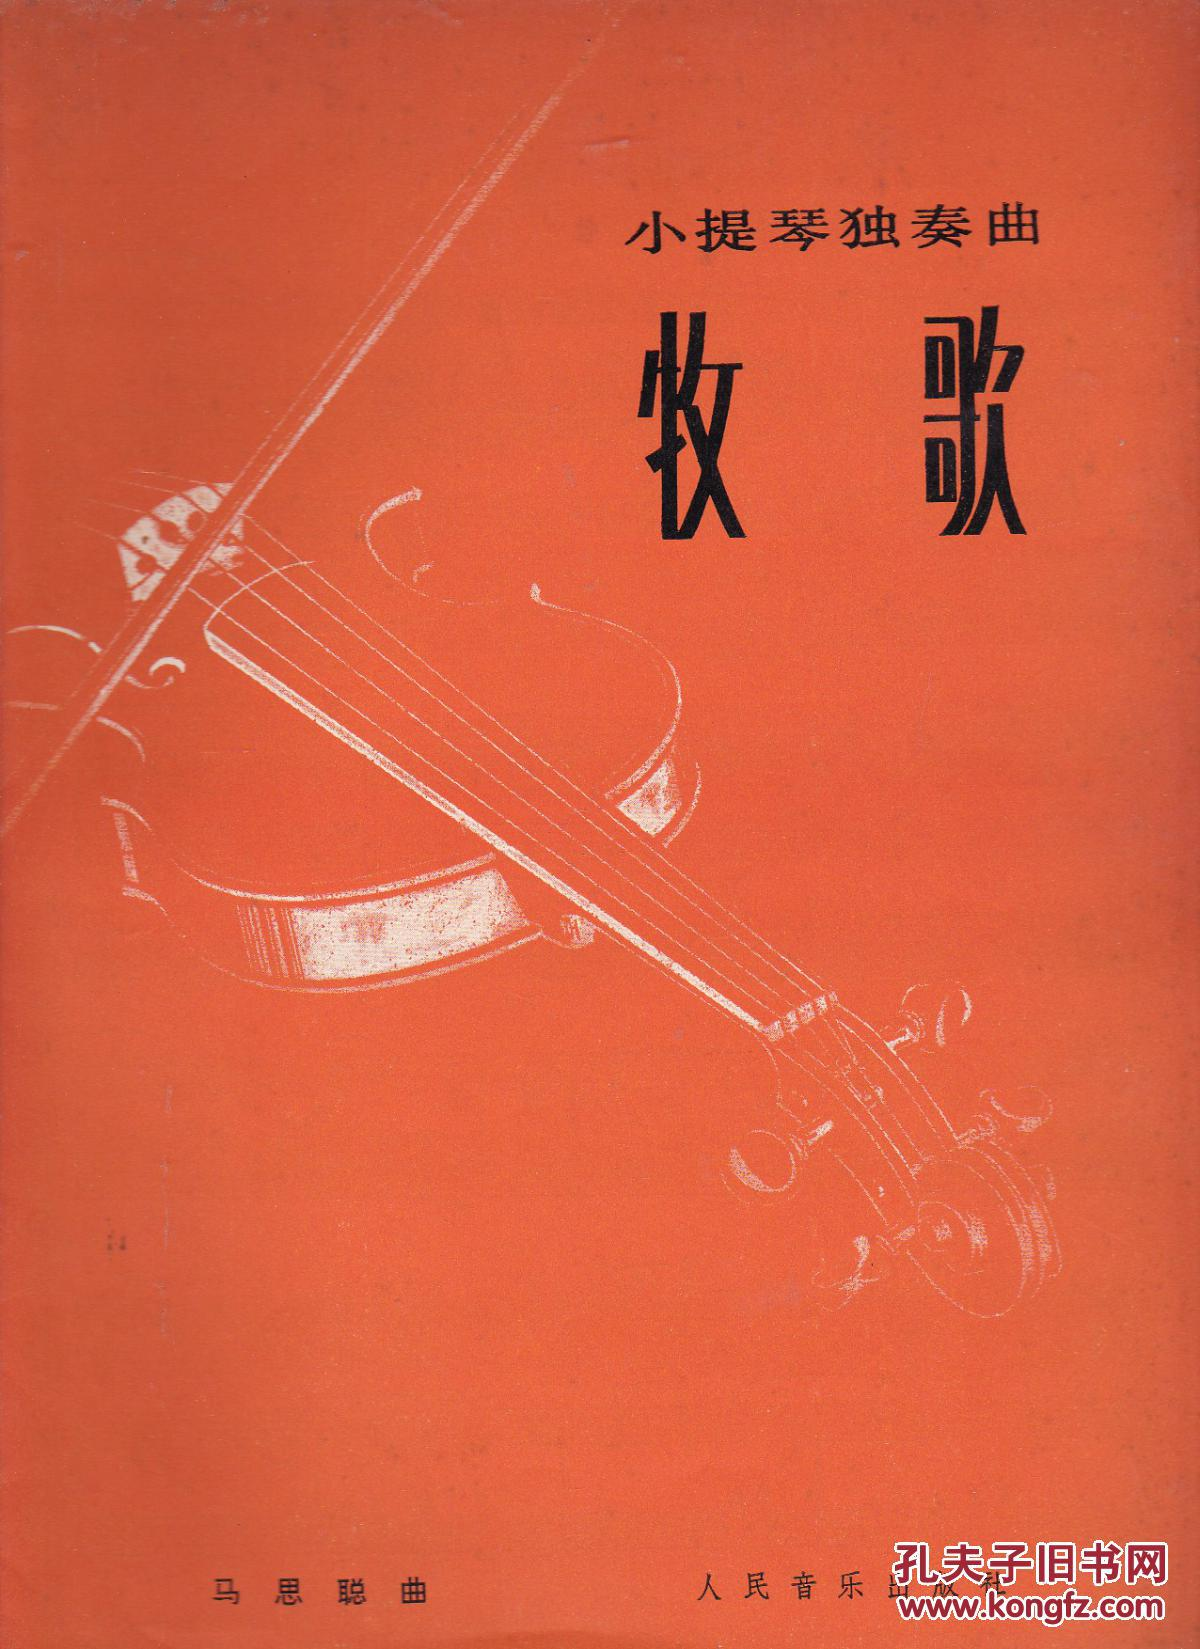 小提琴独奏曲 牧歌图片